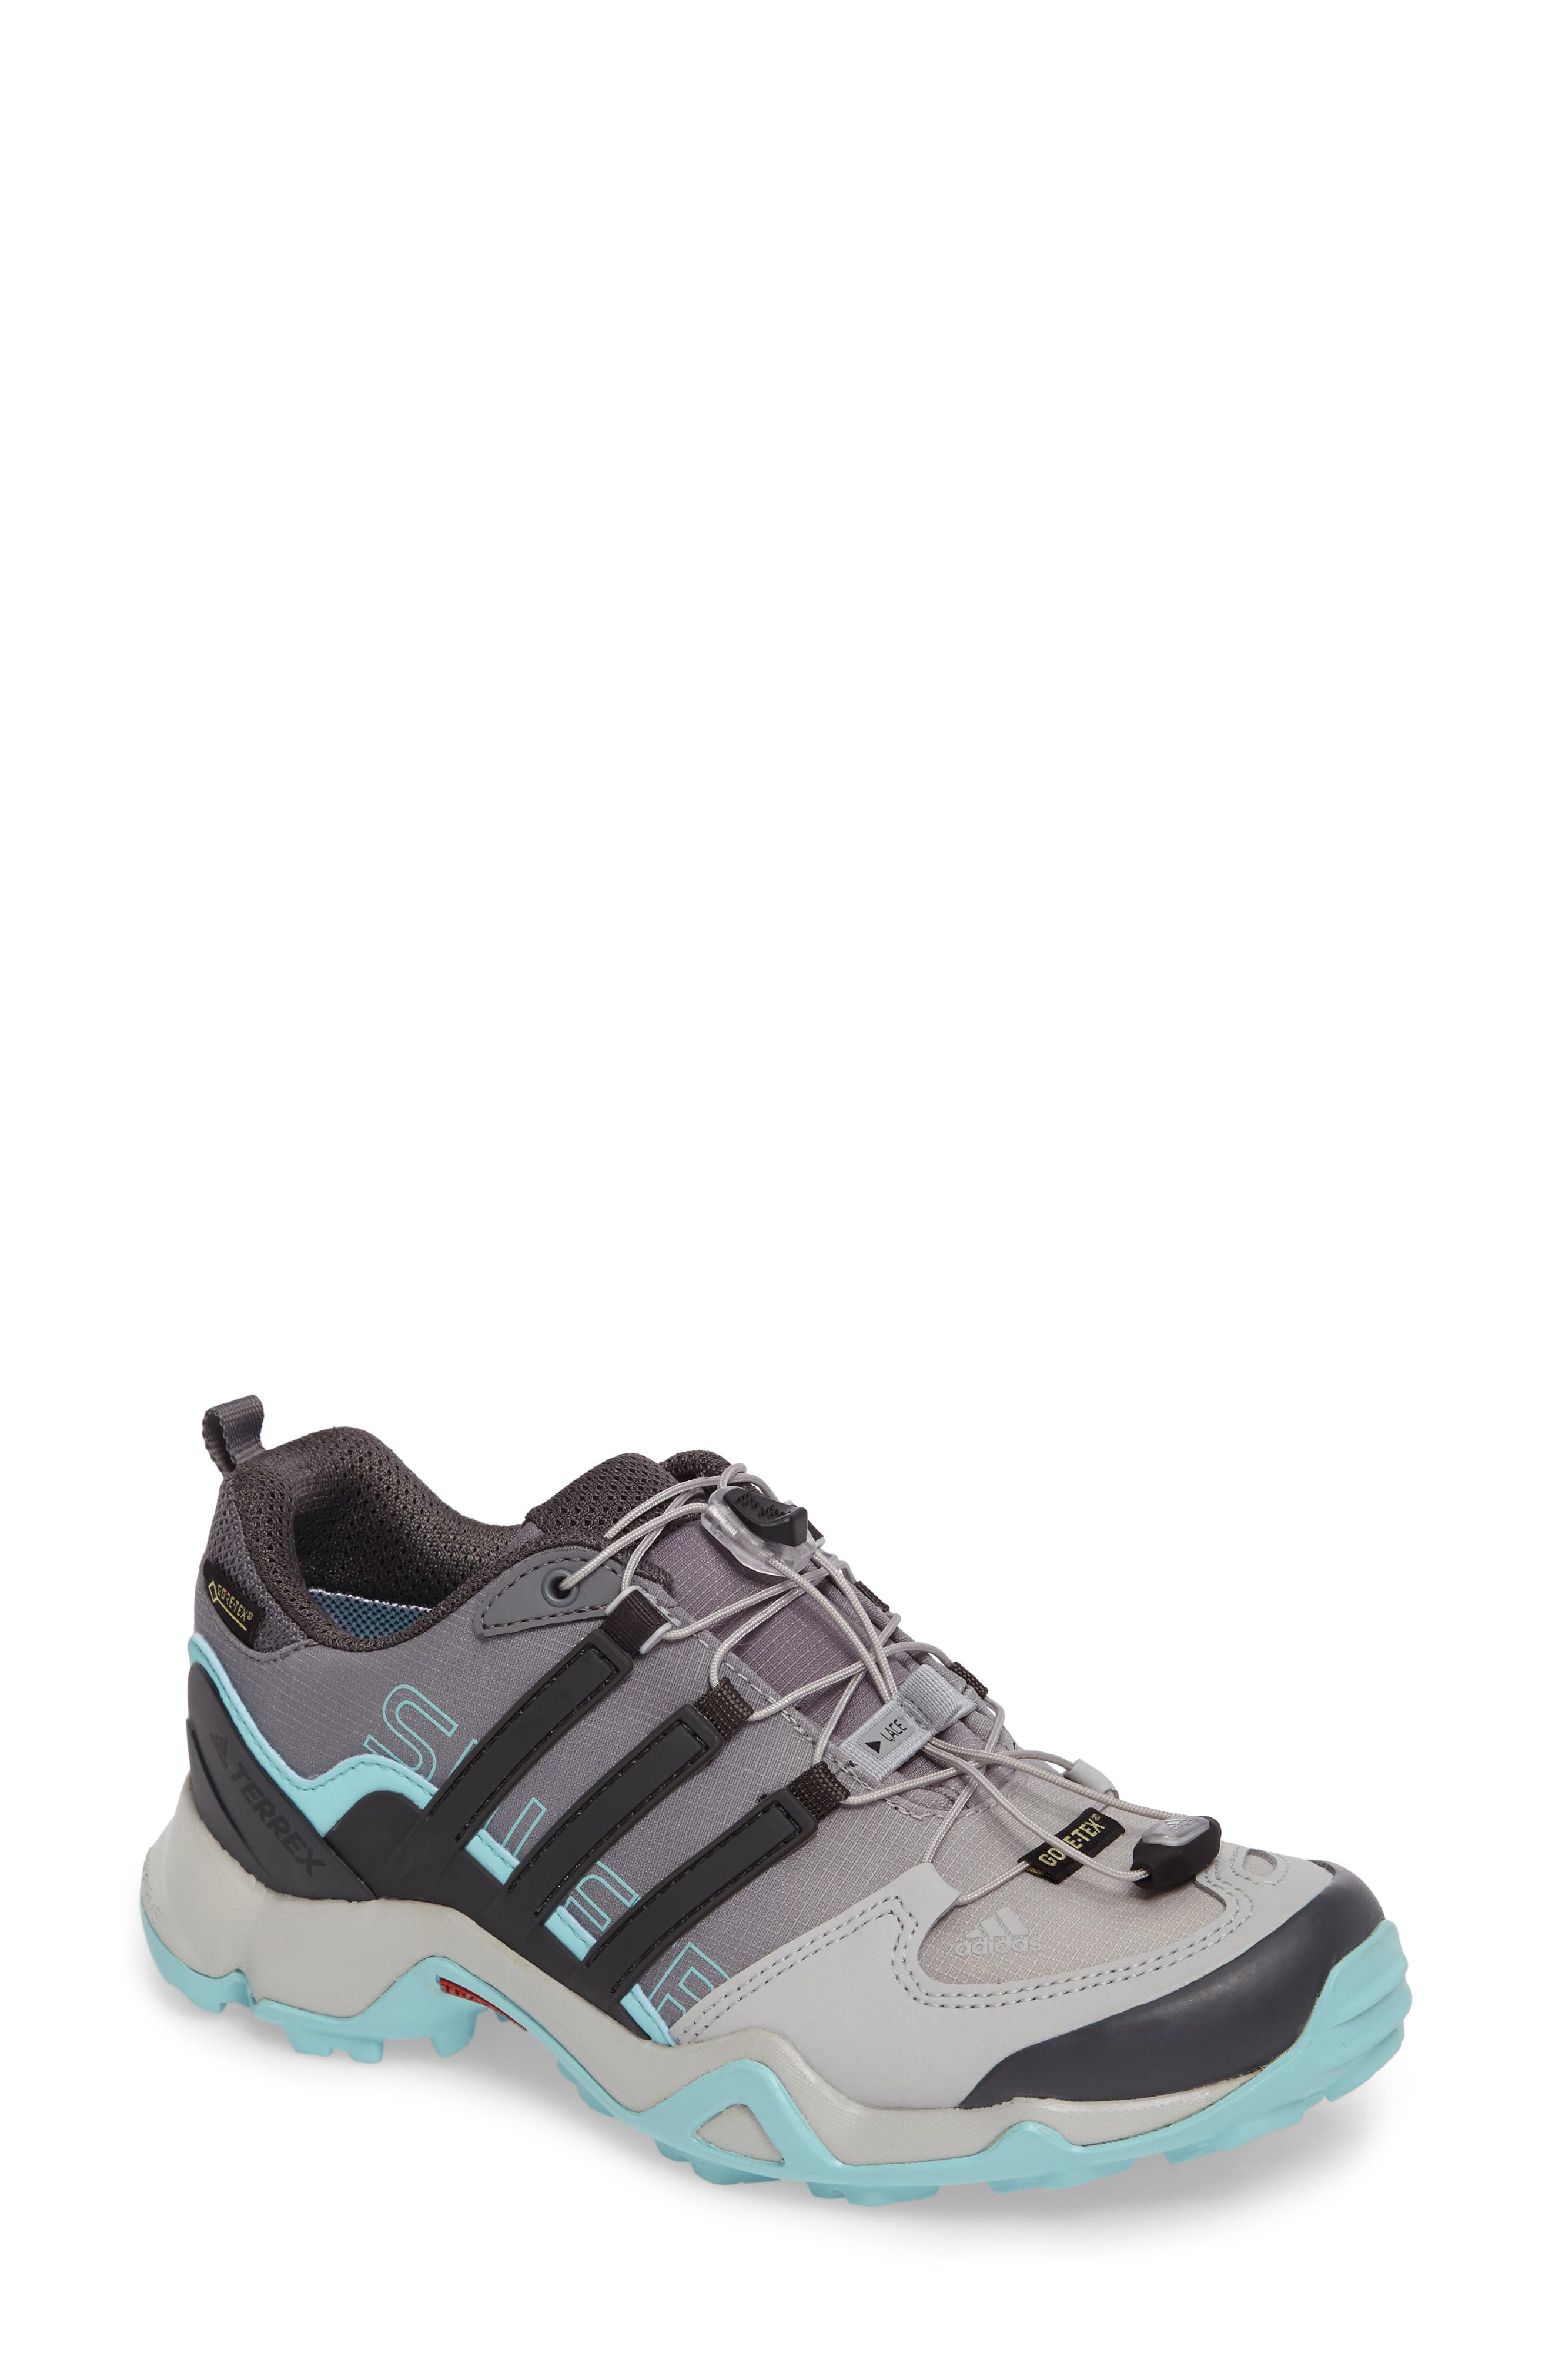 Main Image - adidas Terrex Swift R GTX Hiking Shoe (Women)